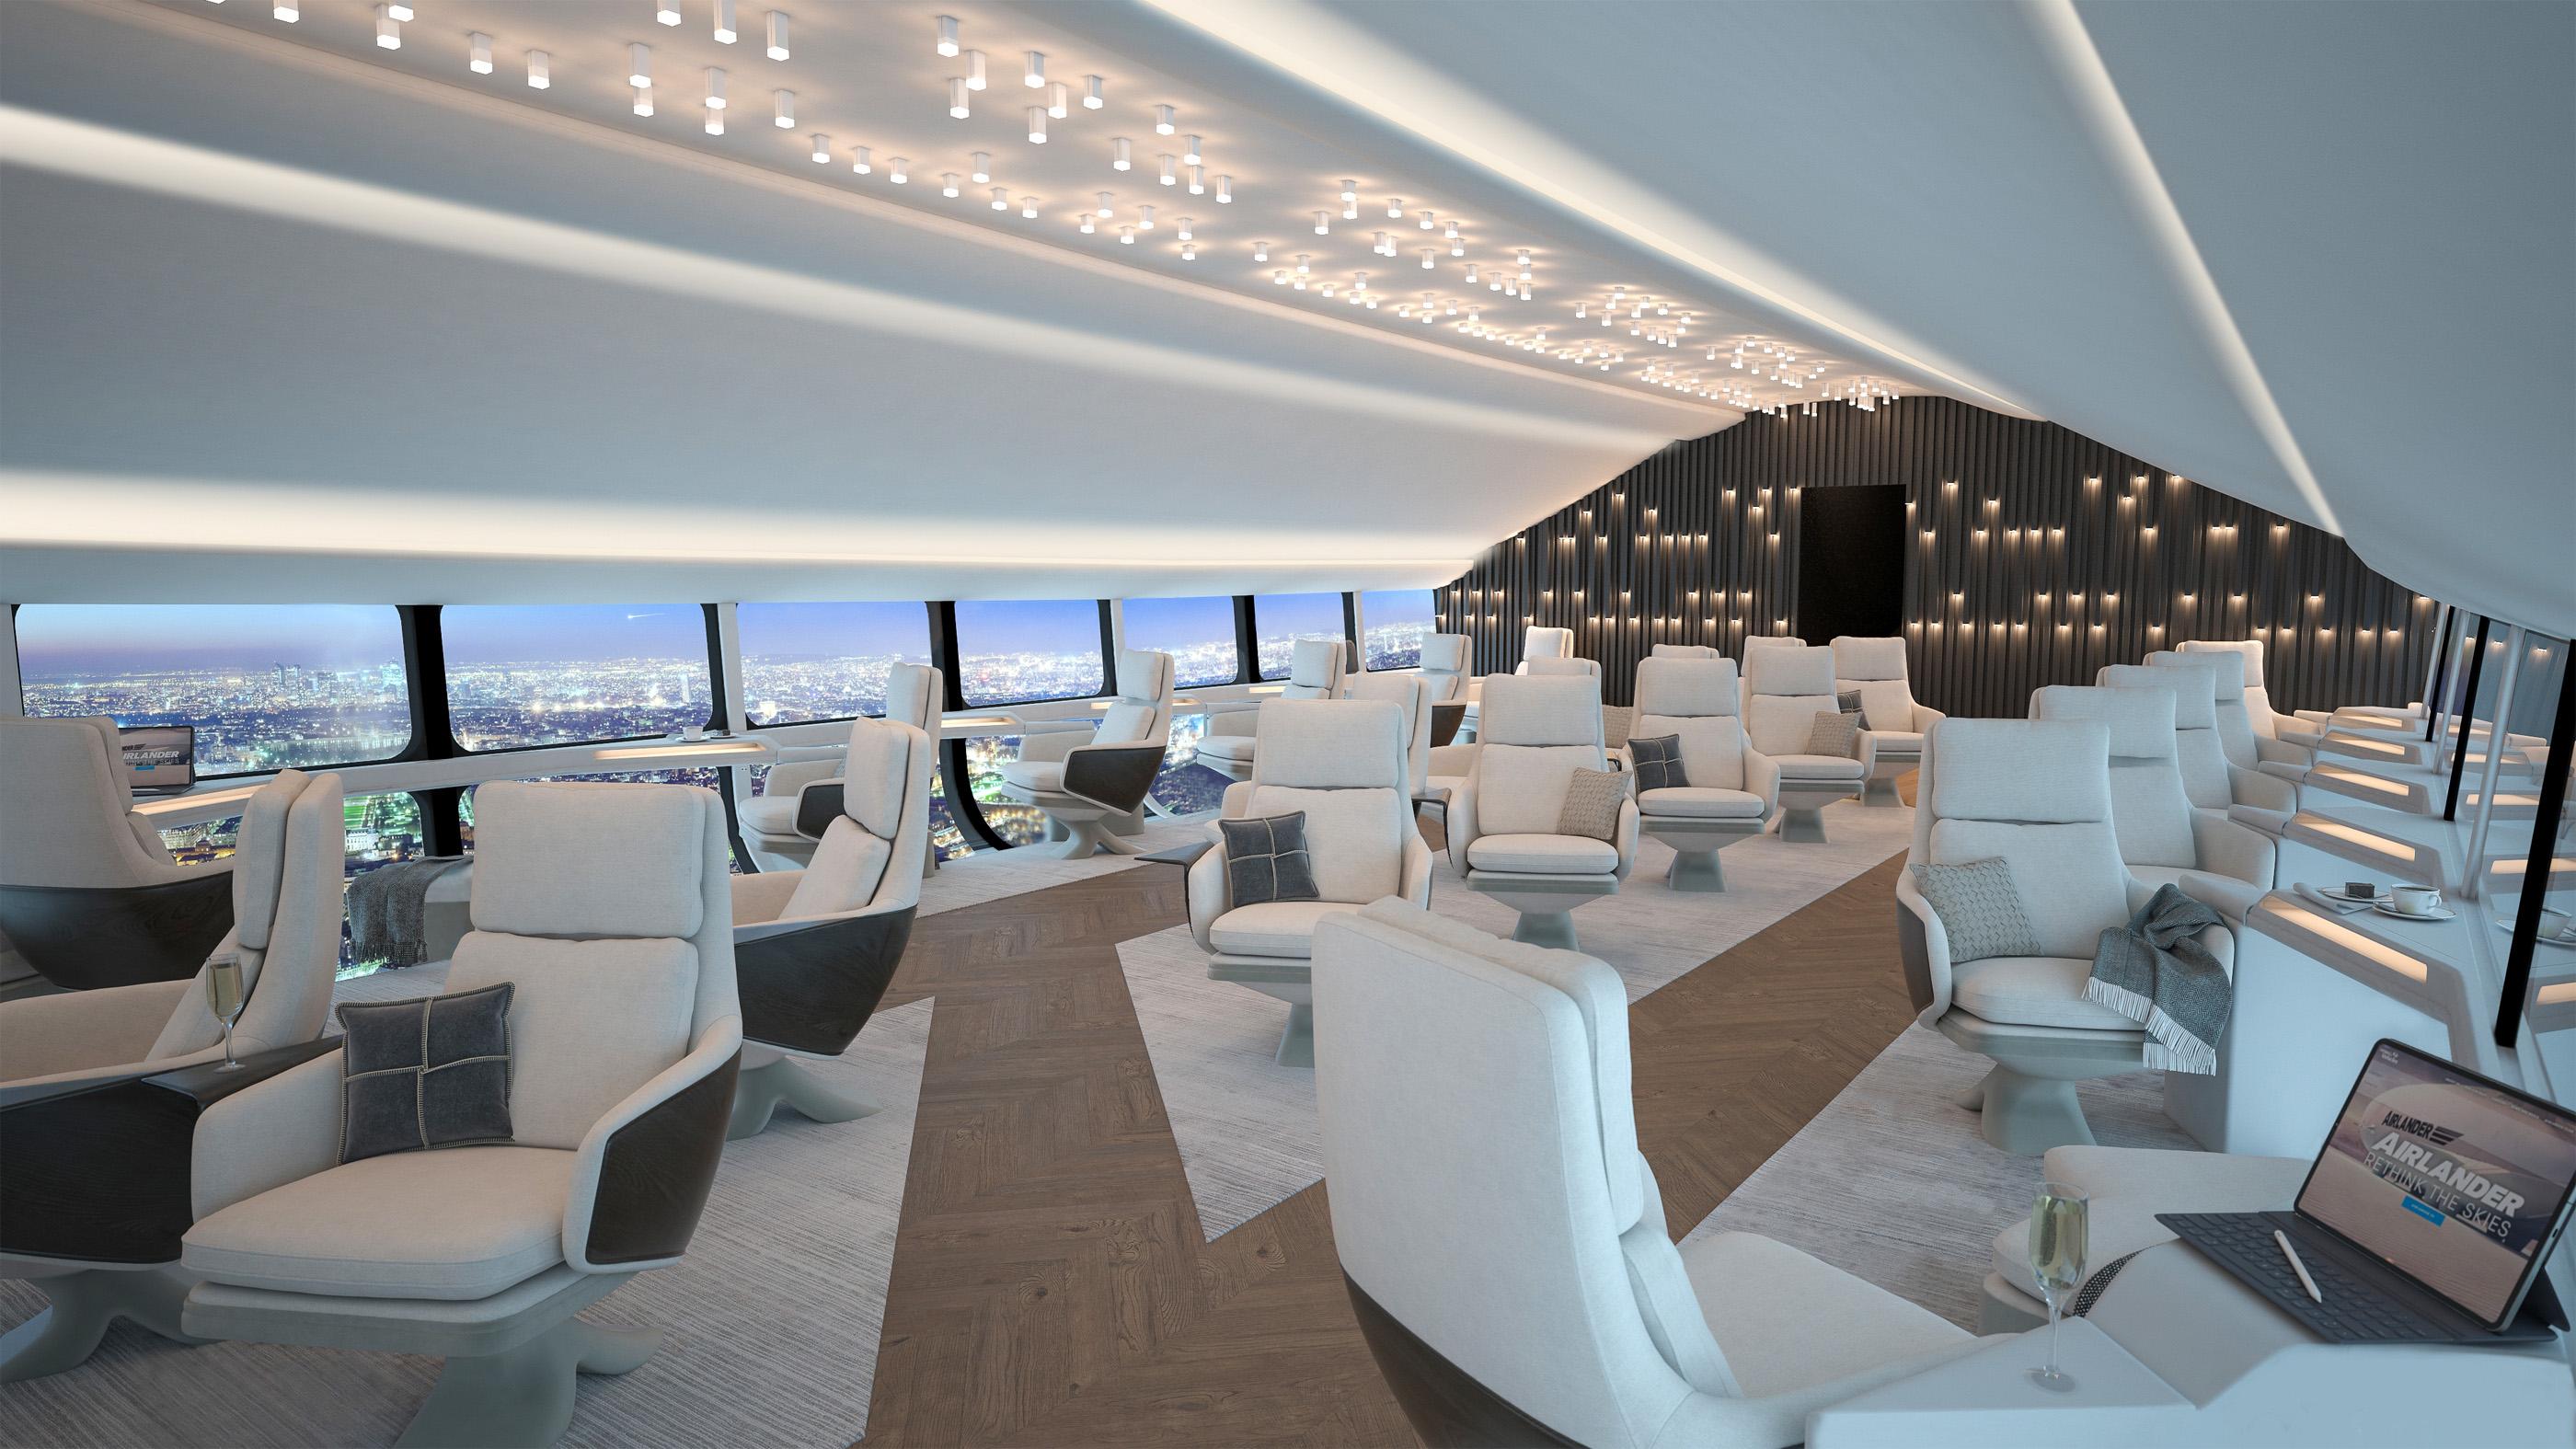 Ici, une image conceptuelle d'une cabine de 72 personnes à l'intérieur de l'Airlander 10.